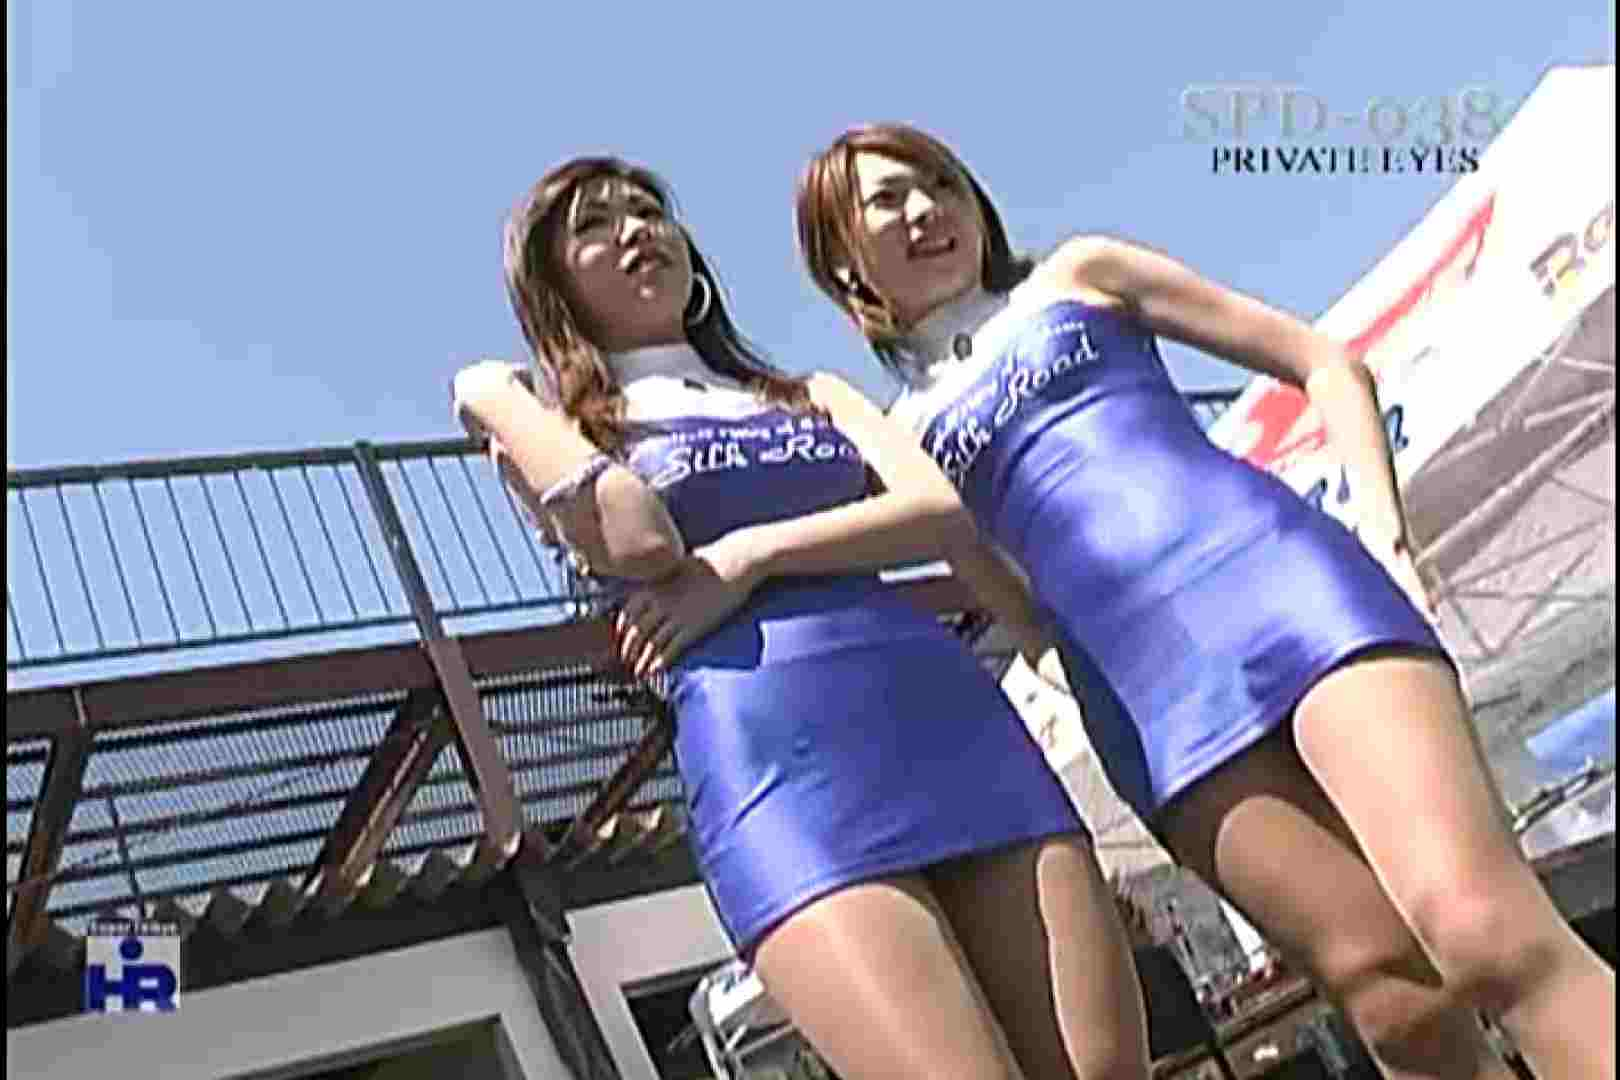 高画質版!SPD-038 サーキットの女神達 仙台ハイランドレースウェイ 高画質 | プライベート  82画像 25